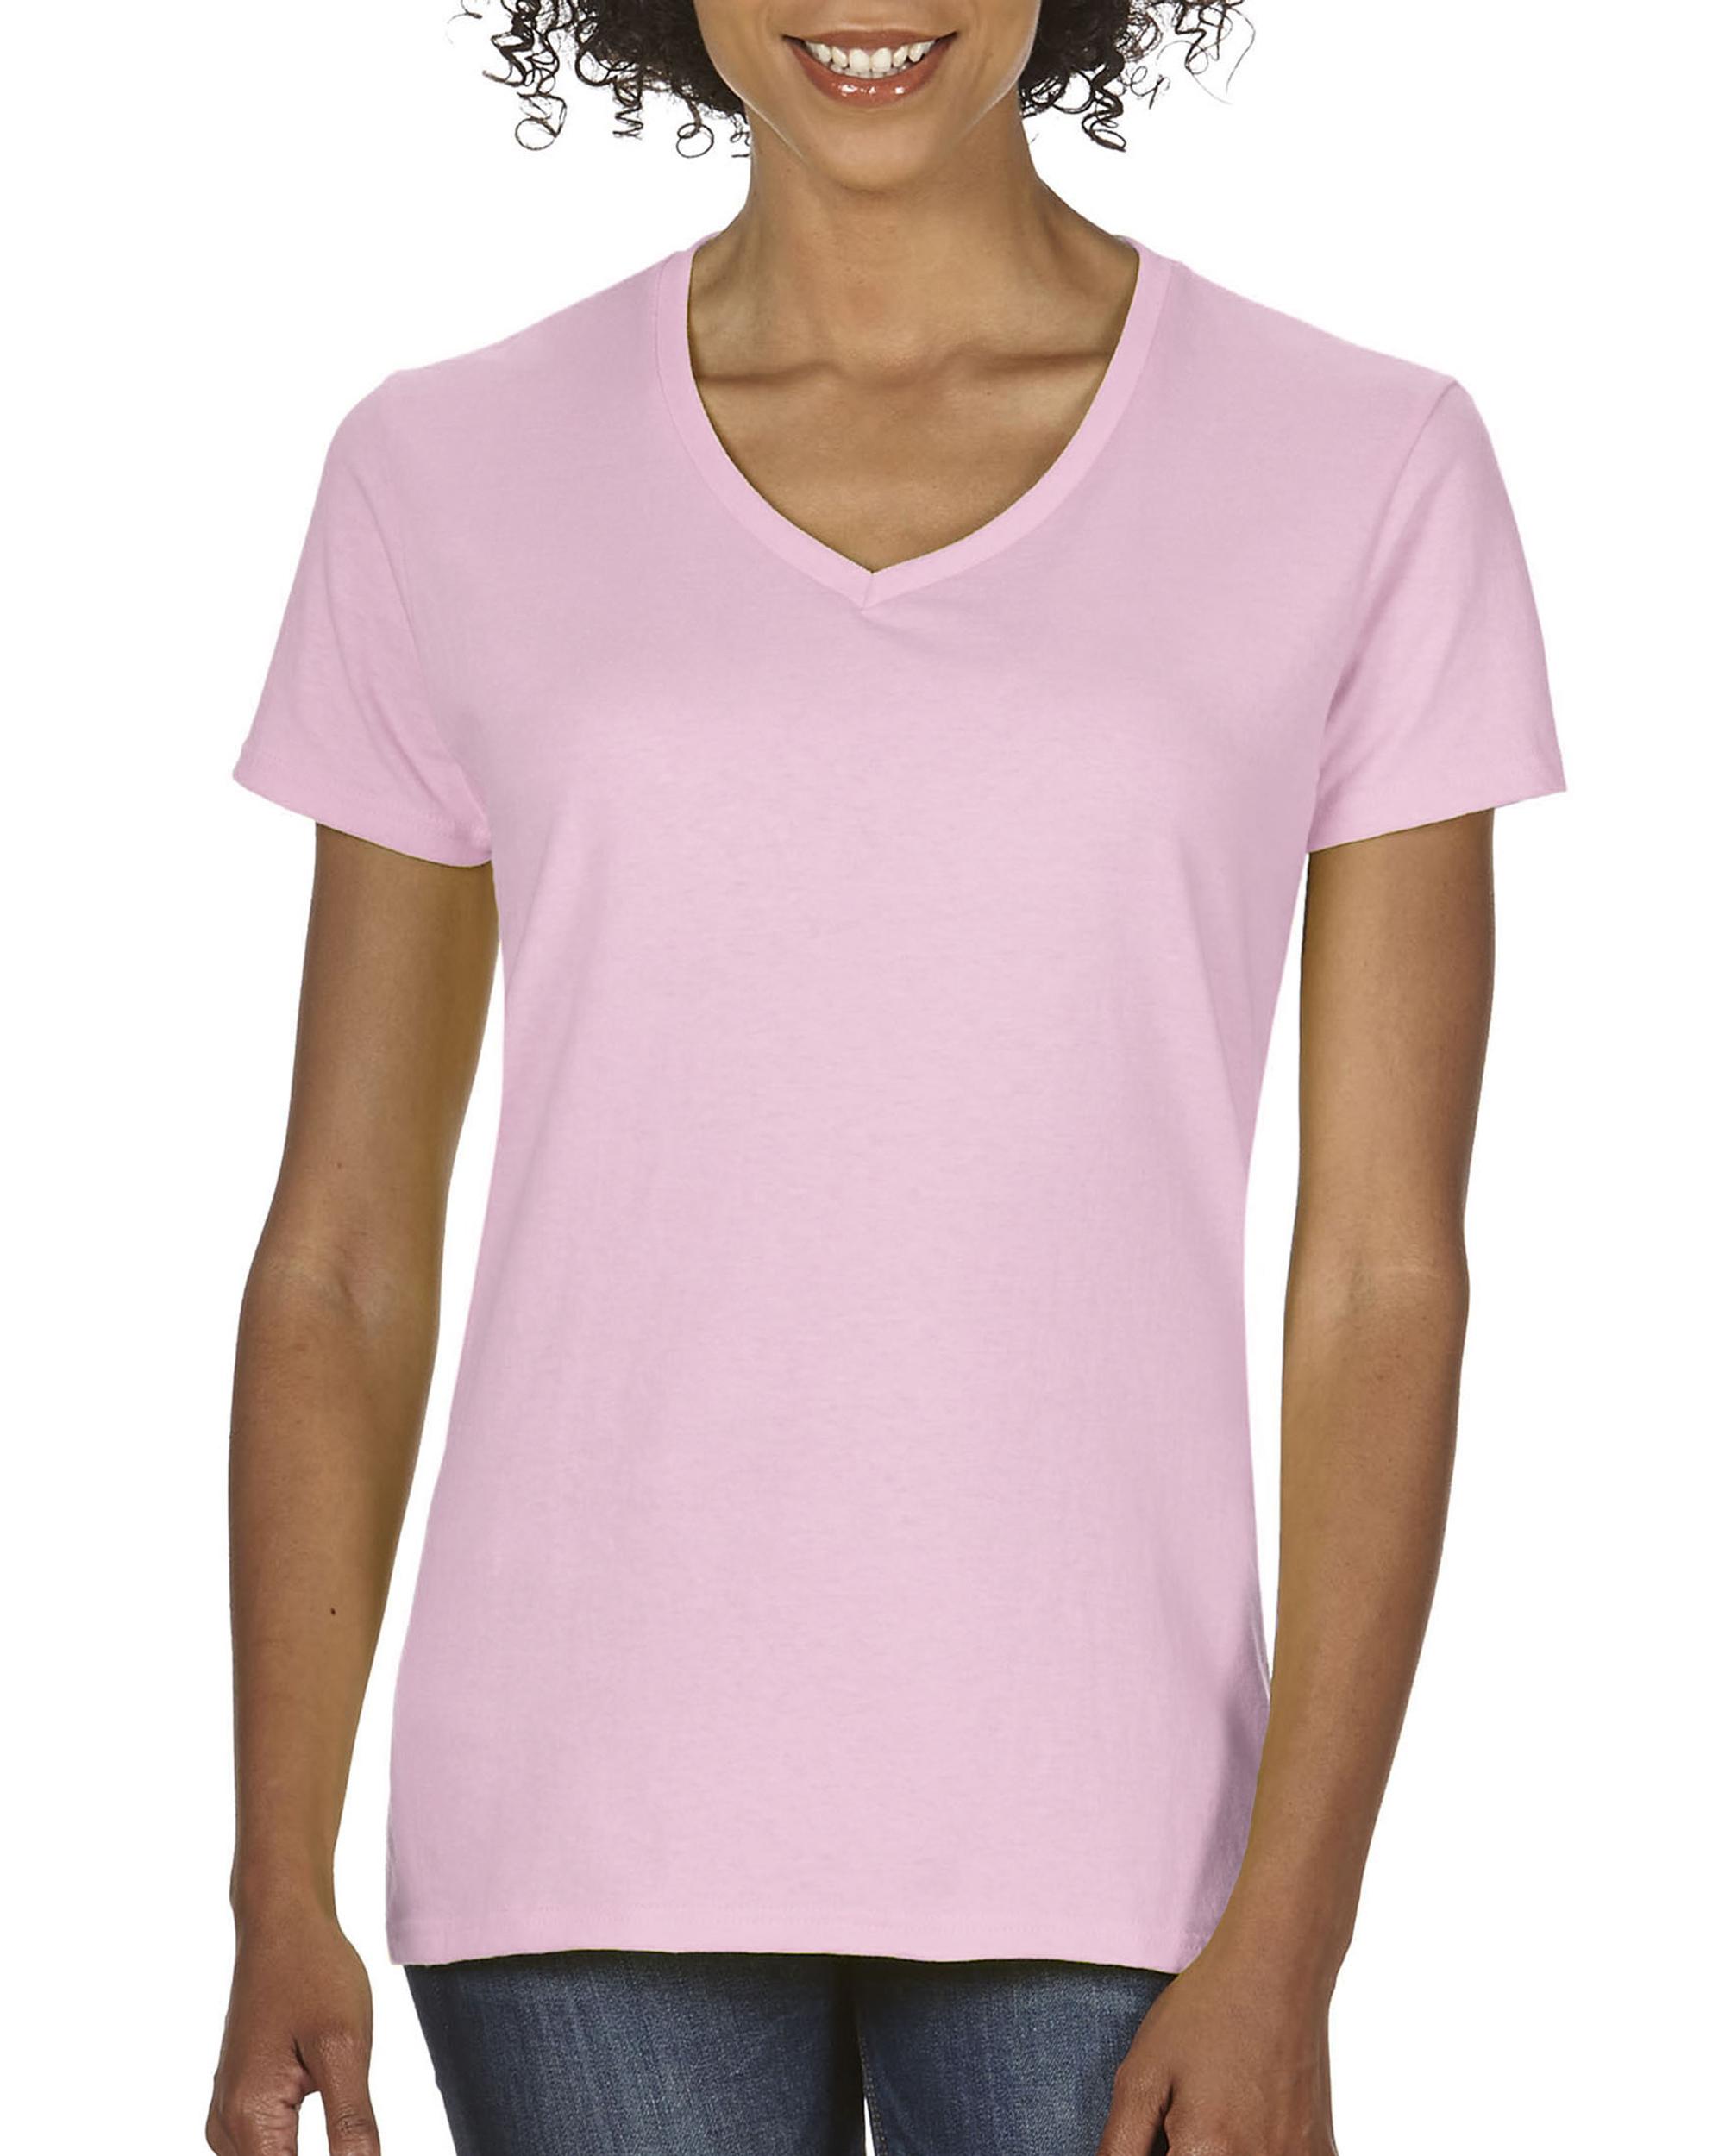 CC T-shirt V-hals Volwassen 185 grs Korte mouw voor Dames